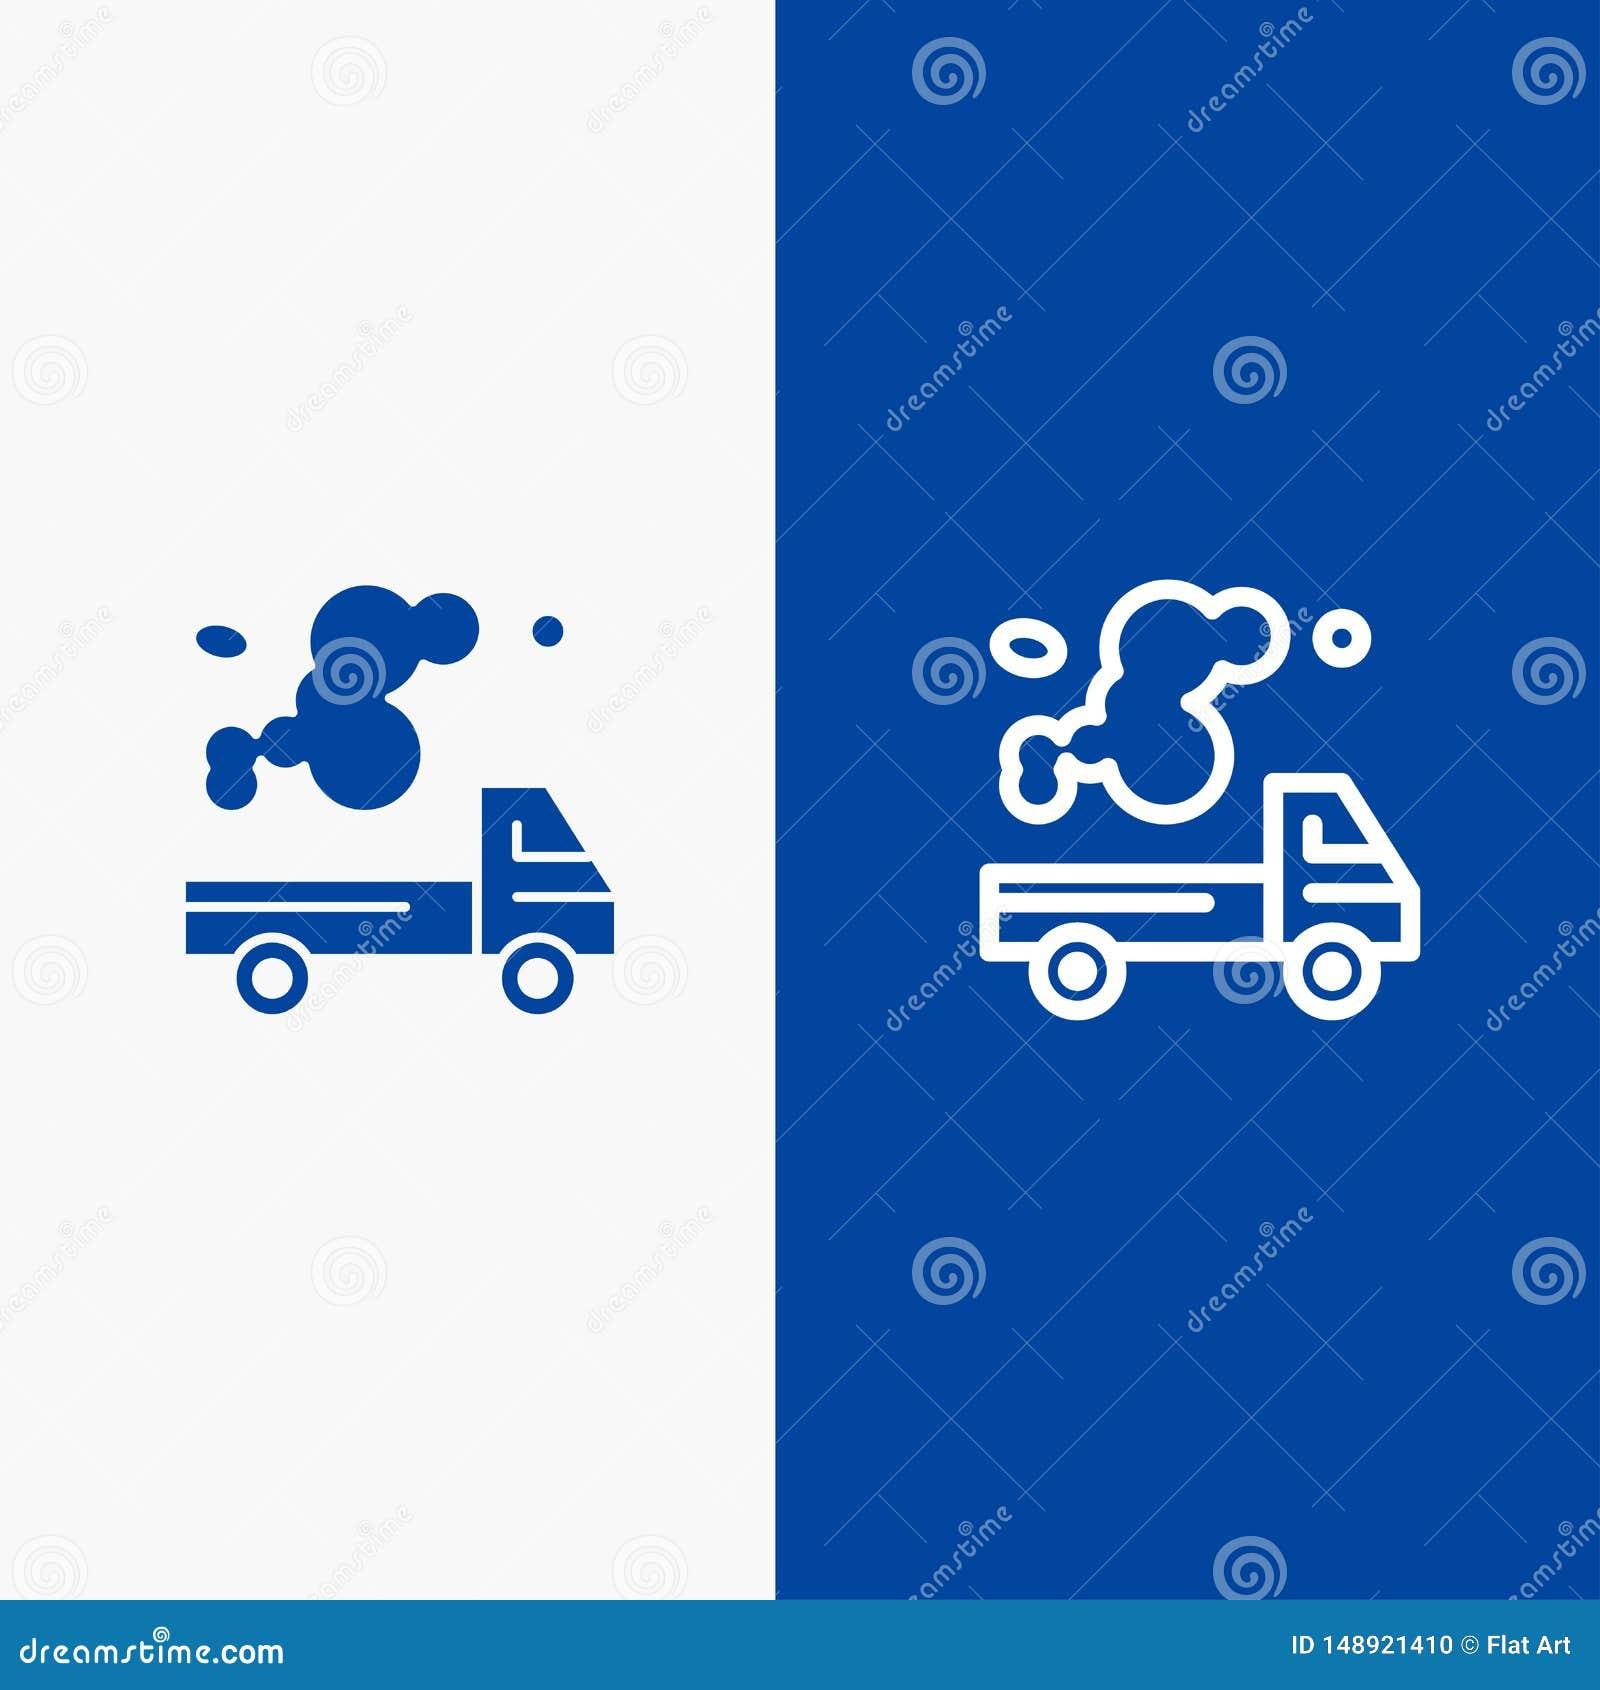 Αυτοκίνητο, φορτηγό, εκπομπή, αέριο, γραμμή ρύπανσης και στερεά γραμμή εμβλημάτων εικονιδίων Glyph μπλε και στερεό μπλε έμβλημα ε